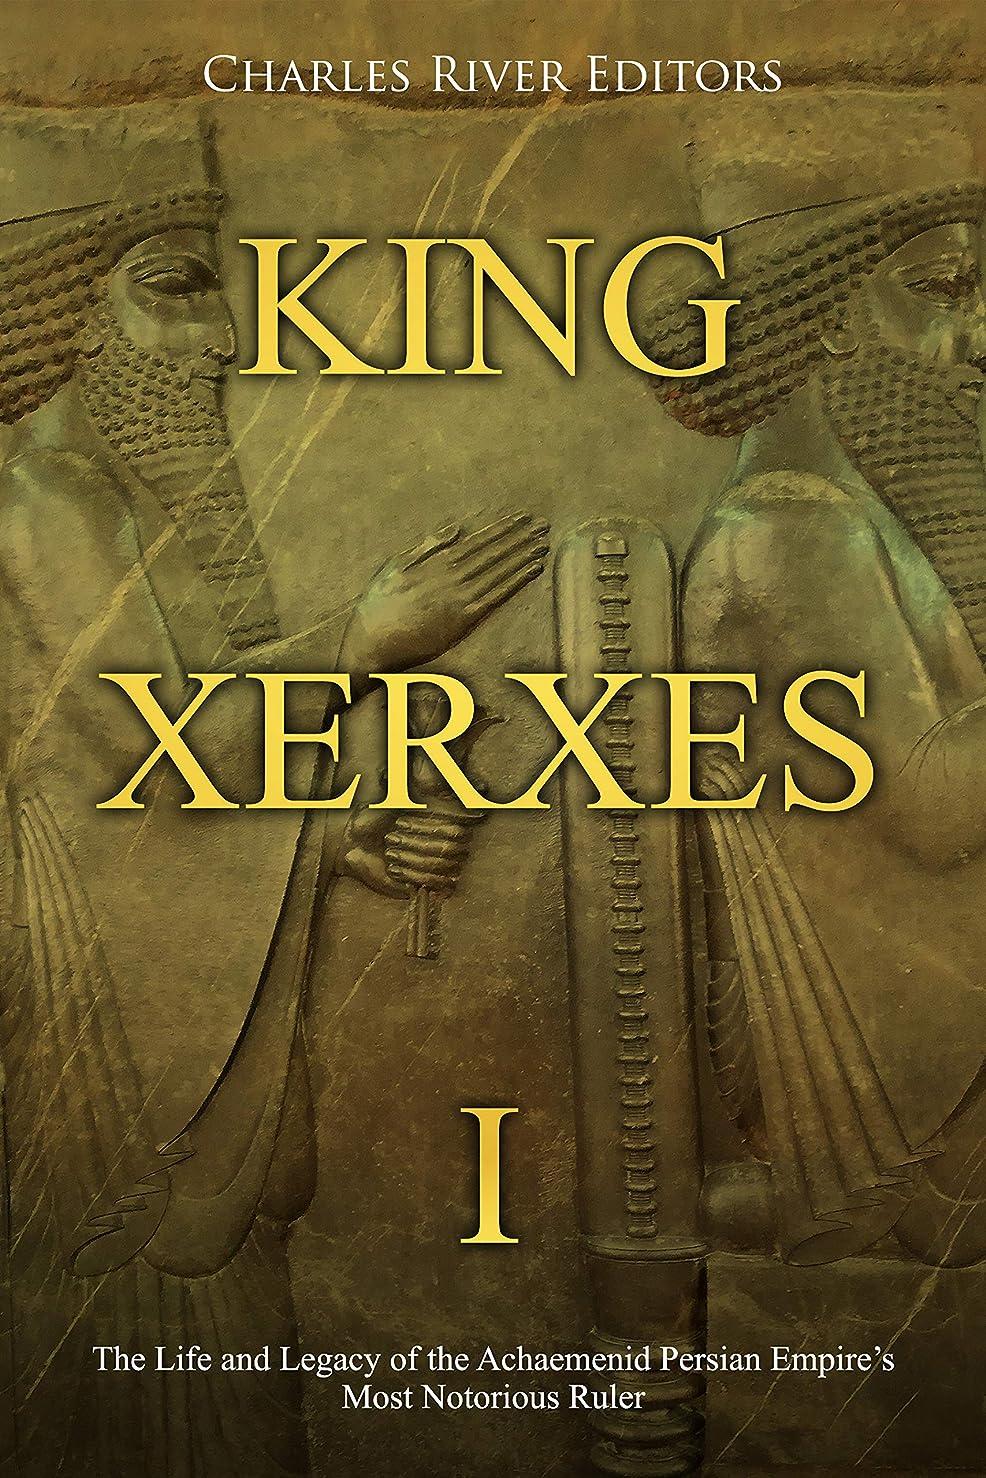 掃除ホールドオール出来事King Xerxes I: The Life and Legacy of the Achaemenid Persian Empire's Most Notorious Ruler (English Edition)